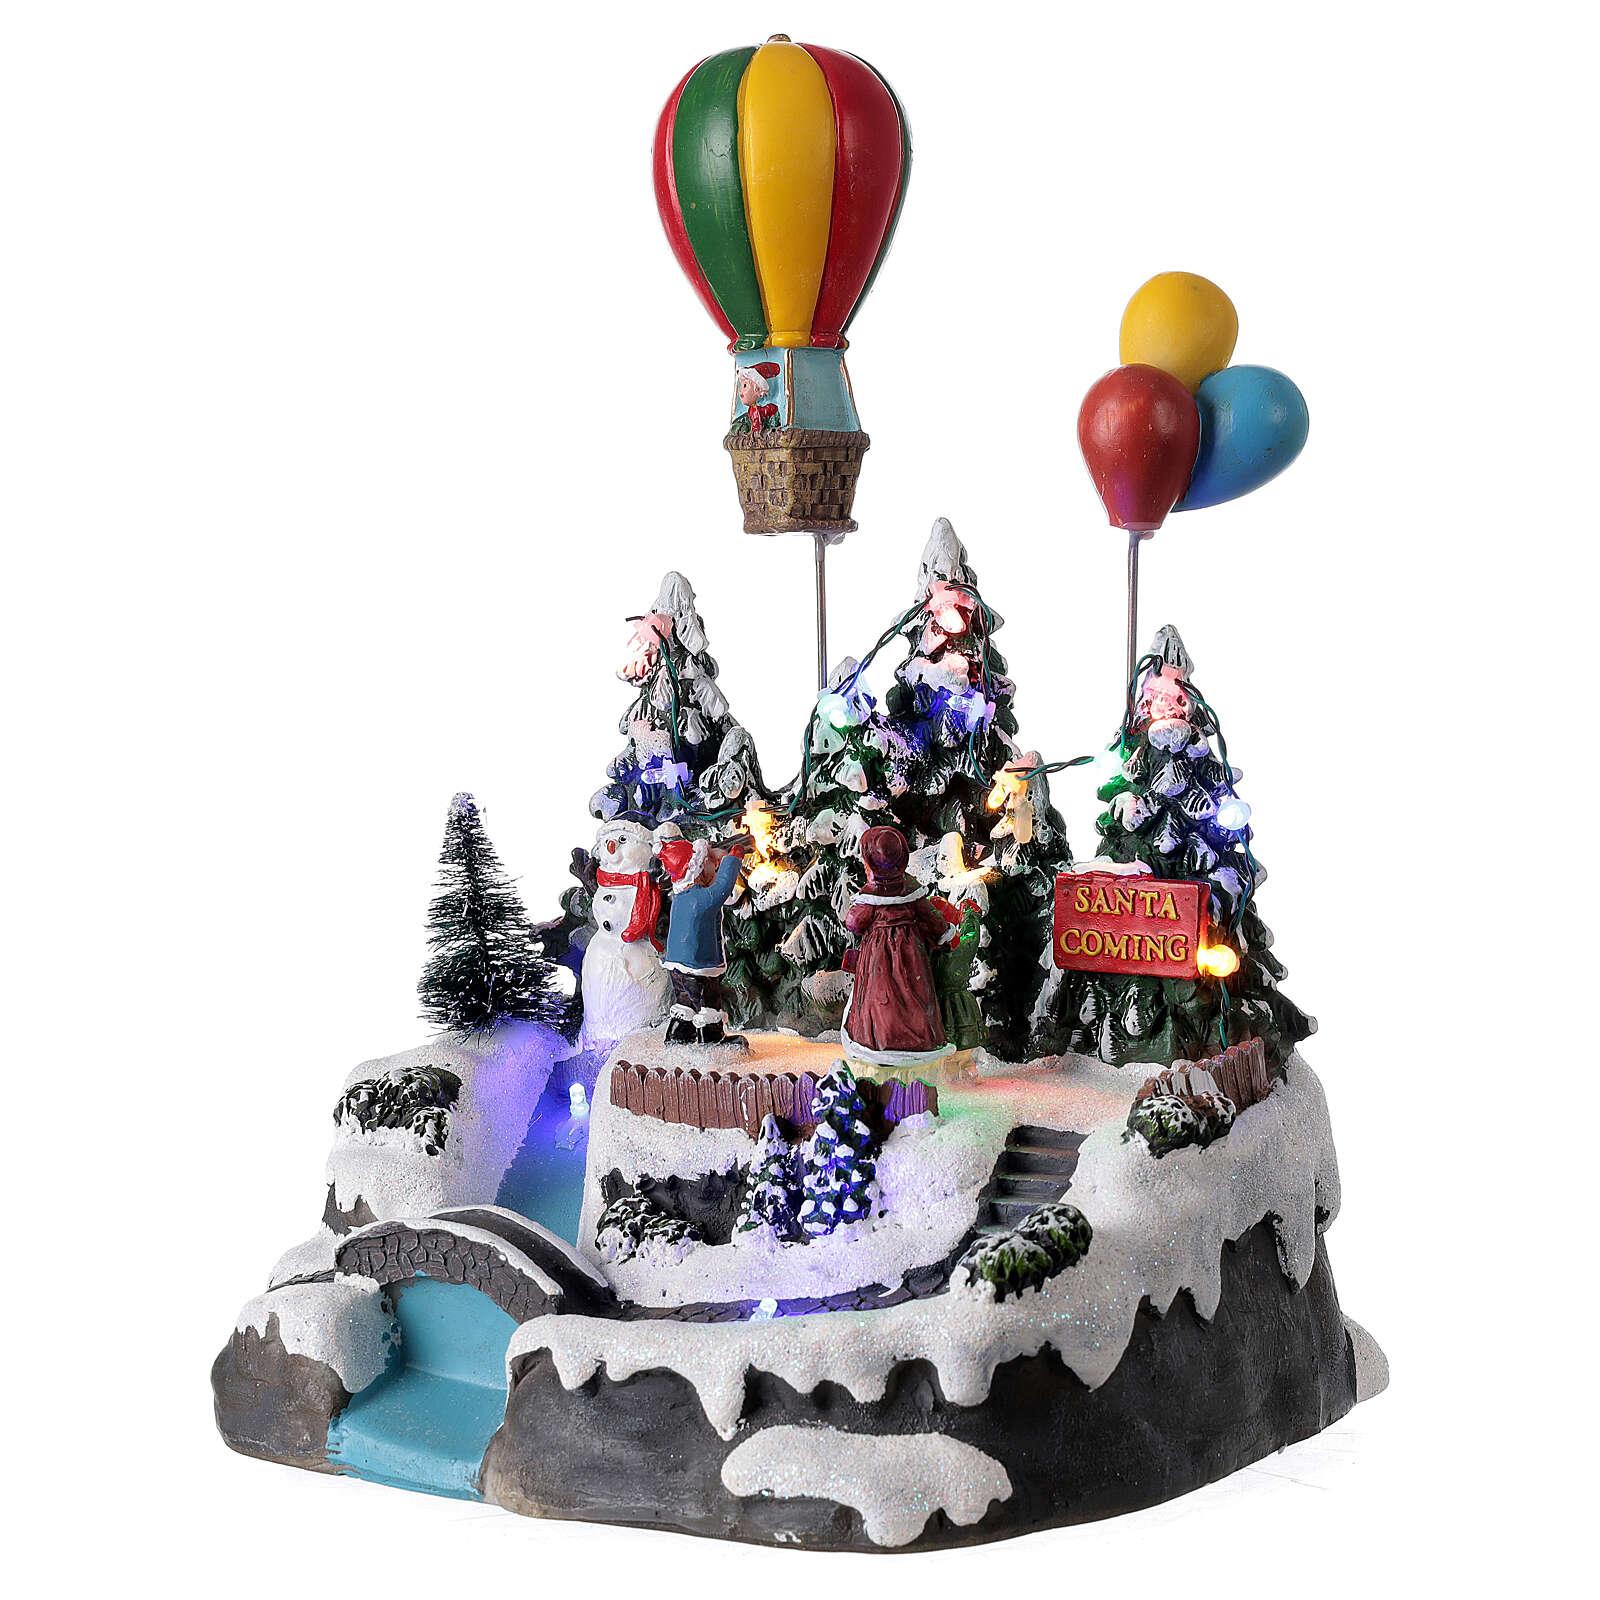 Villaggio Natale bambini mongolfiera luci musica 25x20x20 cm 3